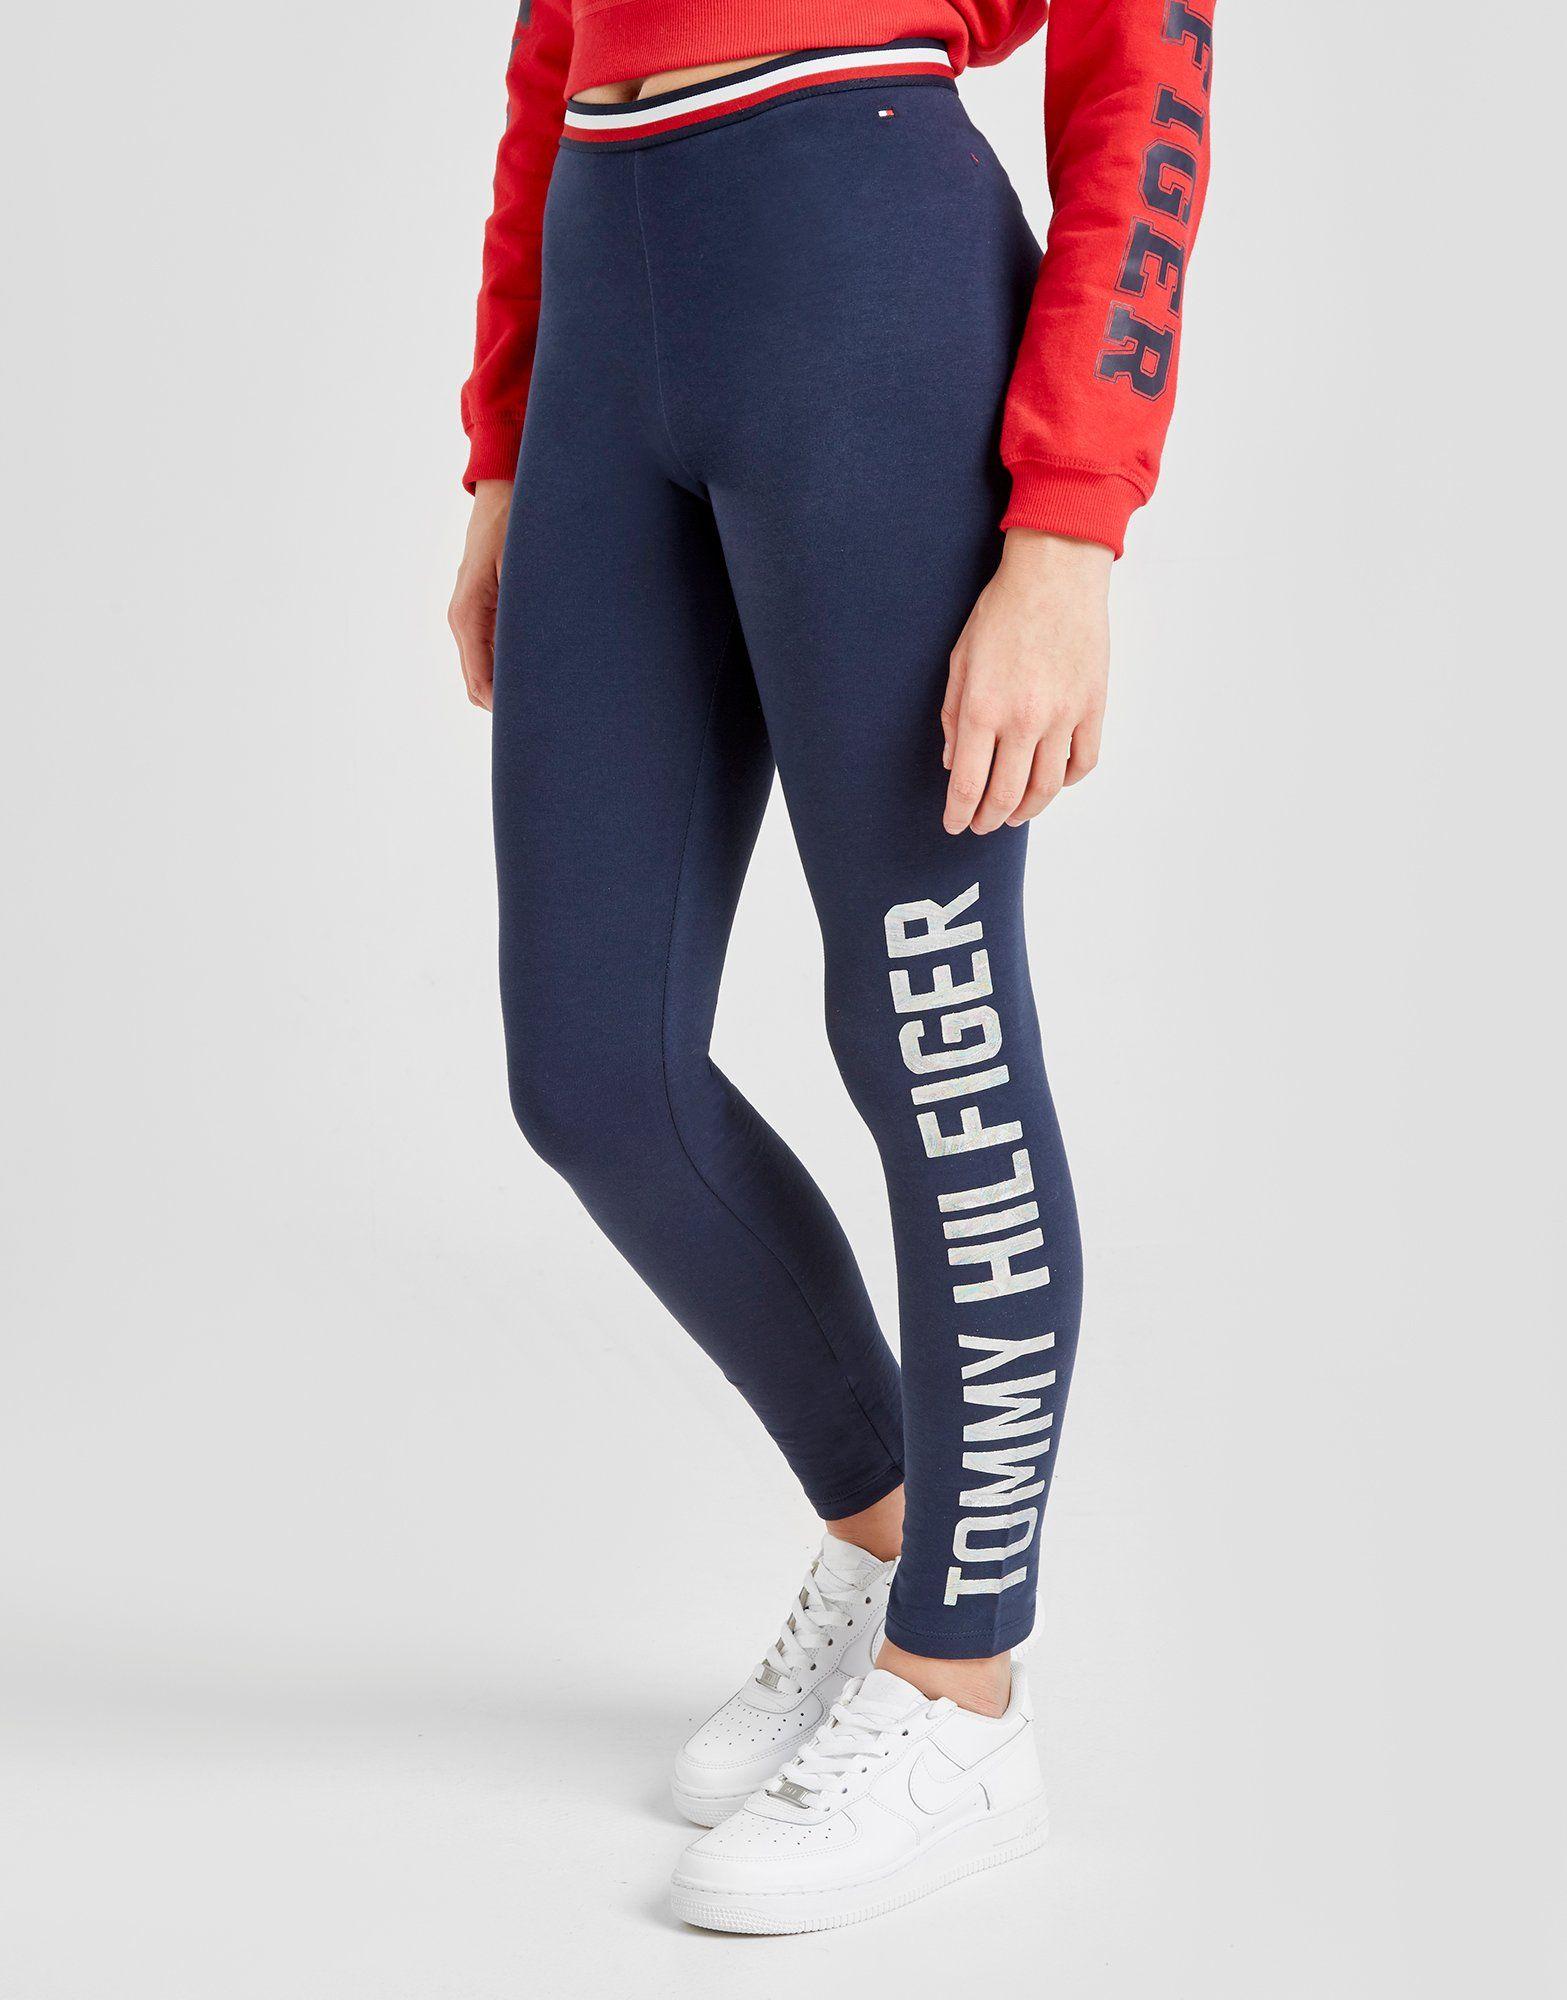 f9e7318a110c1 Tommy Hilfiger Girls' Essential Logo Leggings Junior   JD Sports